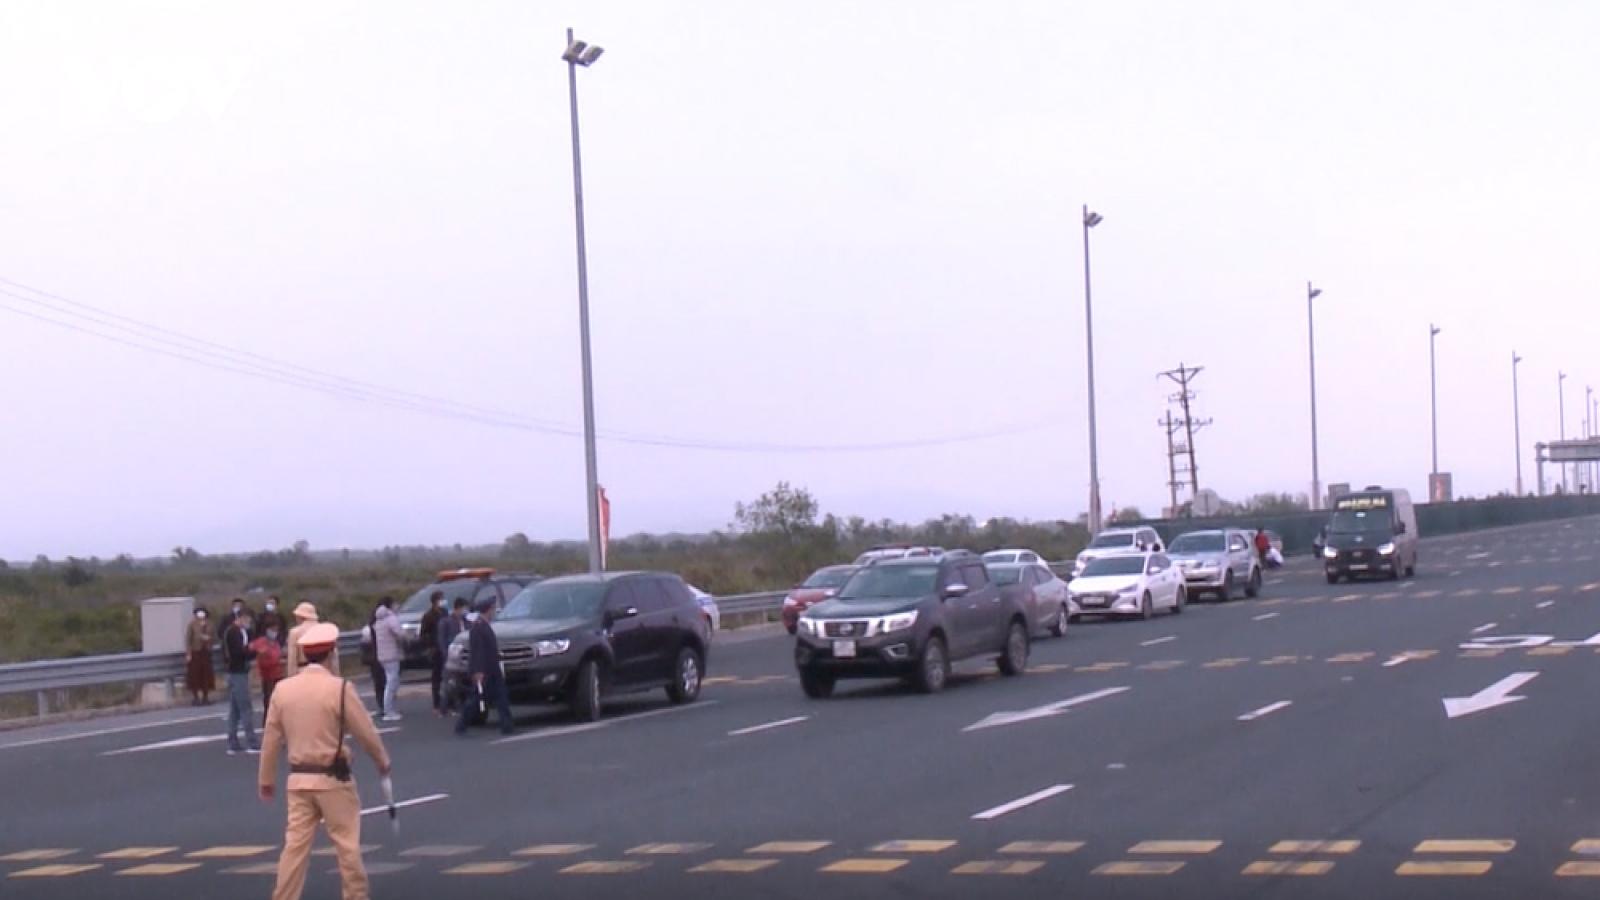 Quảng Ninh lập các chốt kiểm soát người và phương tiện giao thông